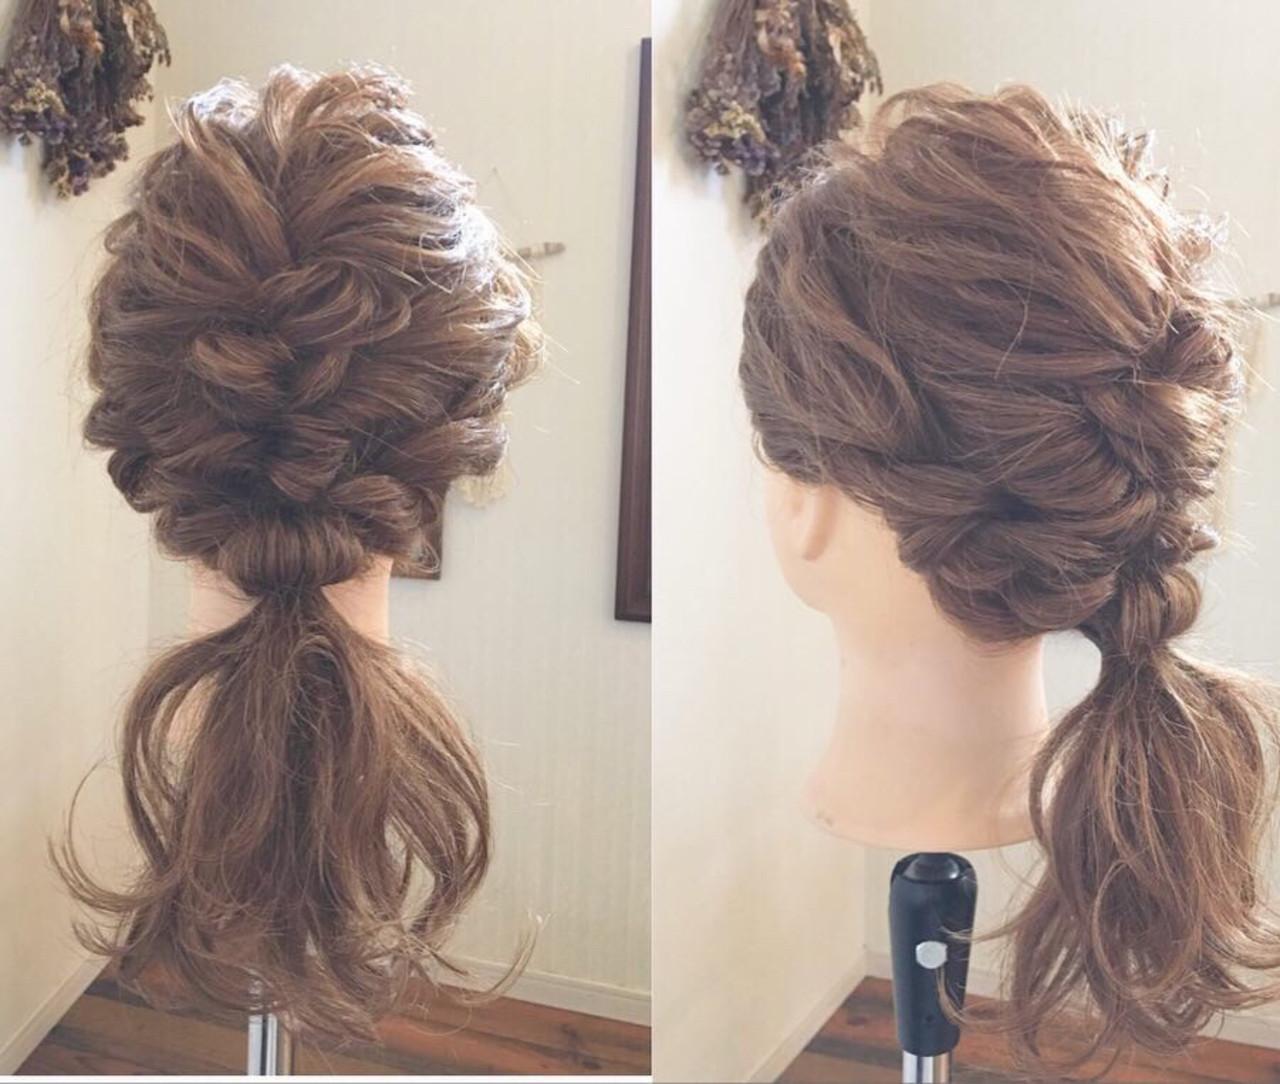 ナチュラル オフィス 結婚式 簡単ヘアアレンジ ヘアスタイルや髪型の写真・画像 | MOMOKO / HairworksZEAL